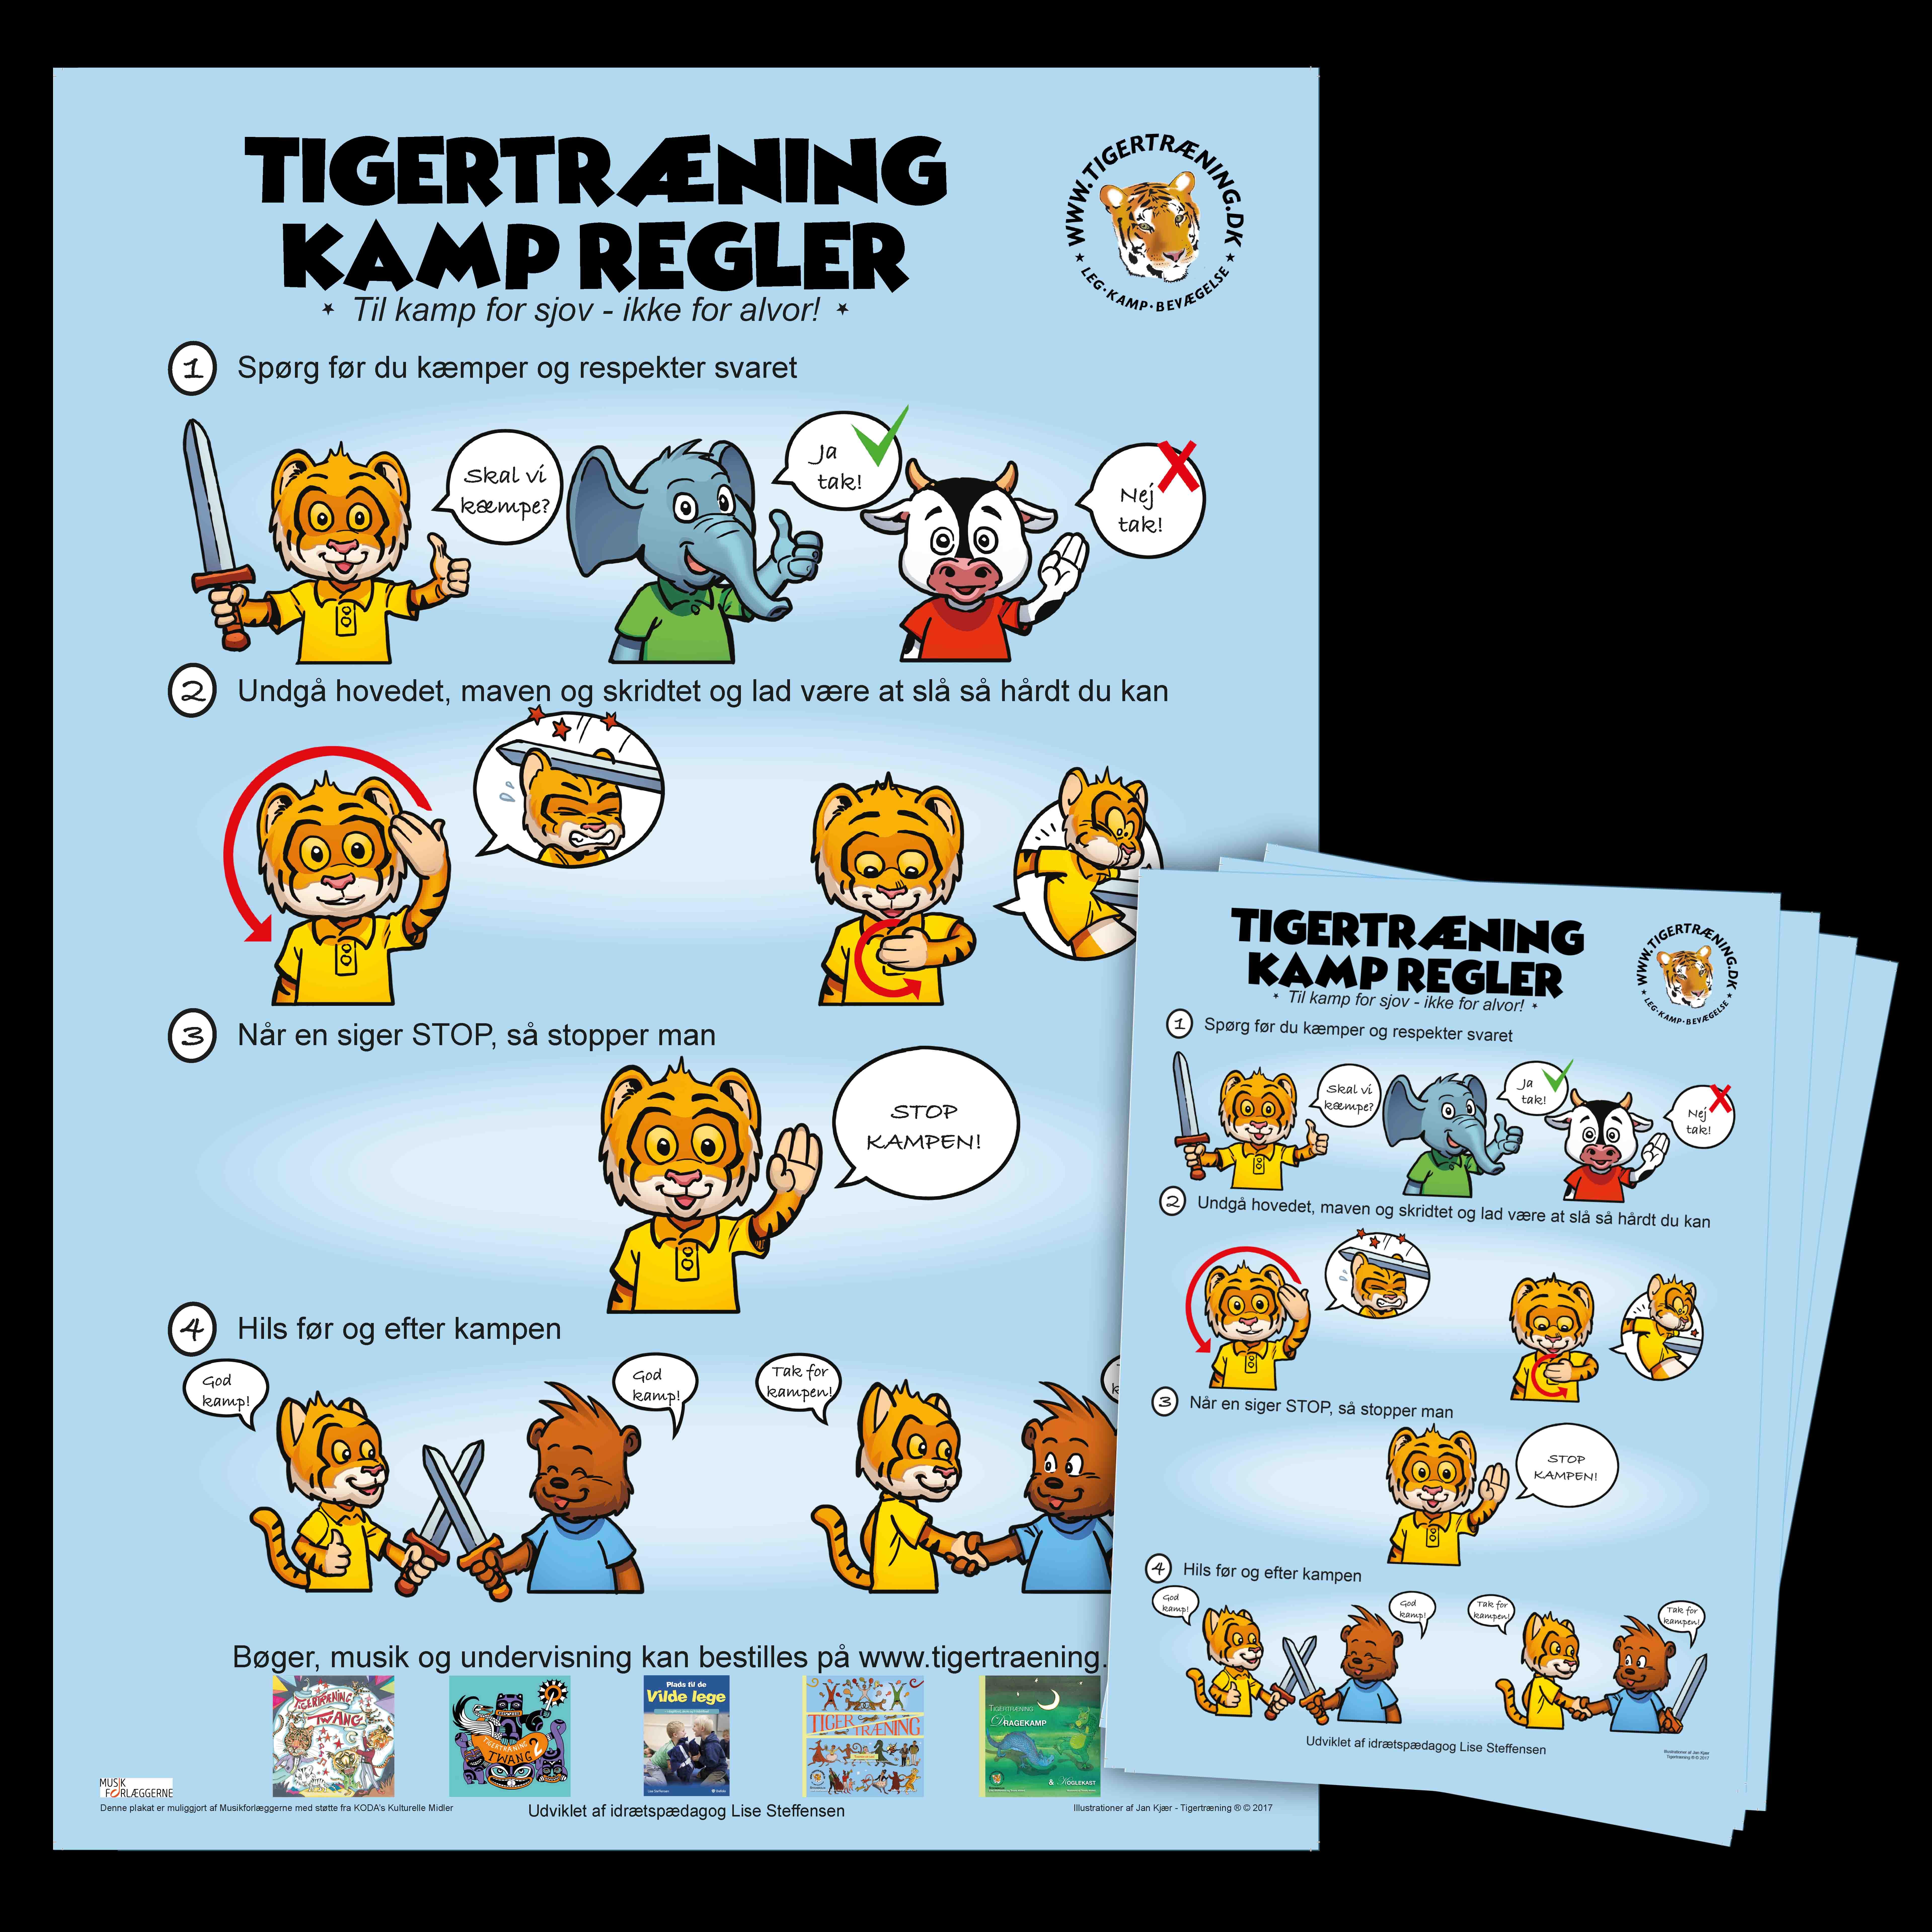 Tigertræning kampregler plakat 3 regler der følges let. Tegnet af Jan Kjær.